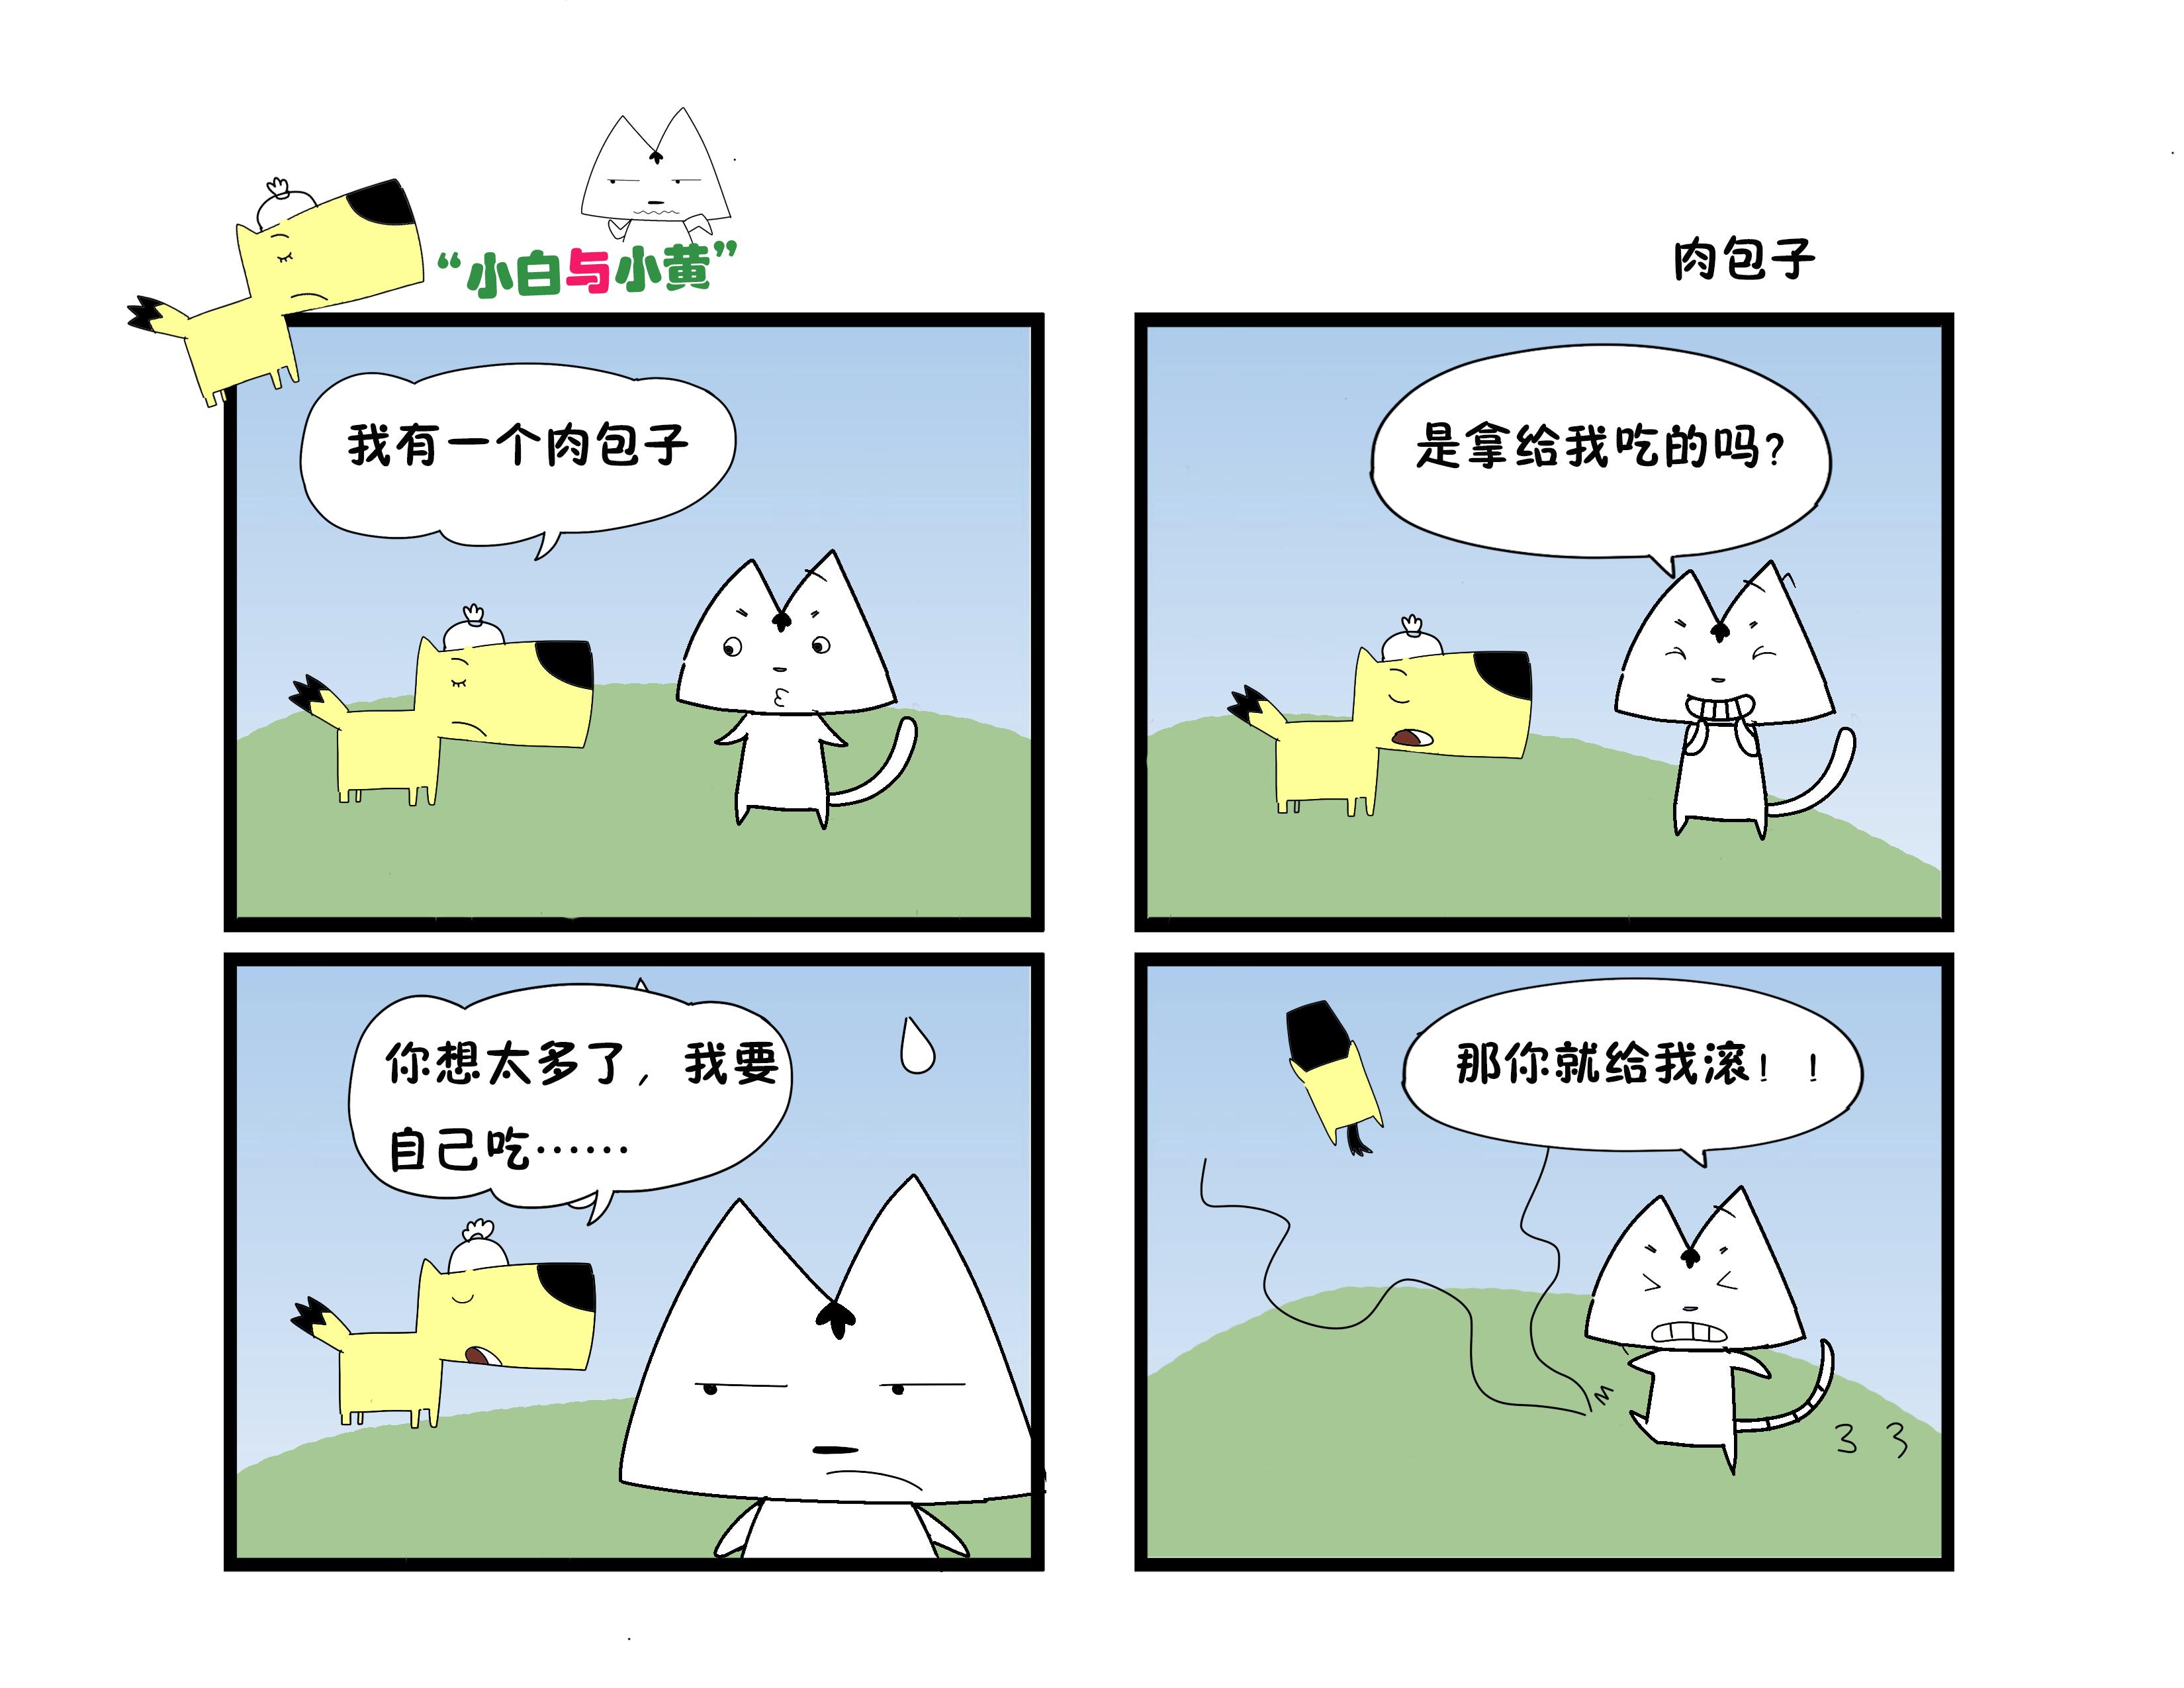 征集四格漫画作品